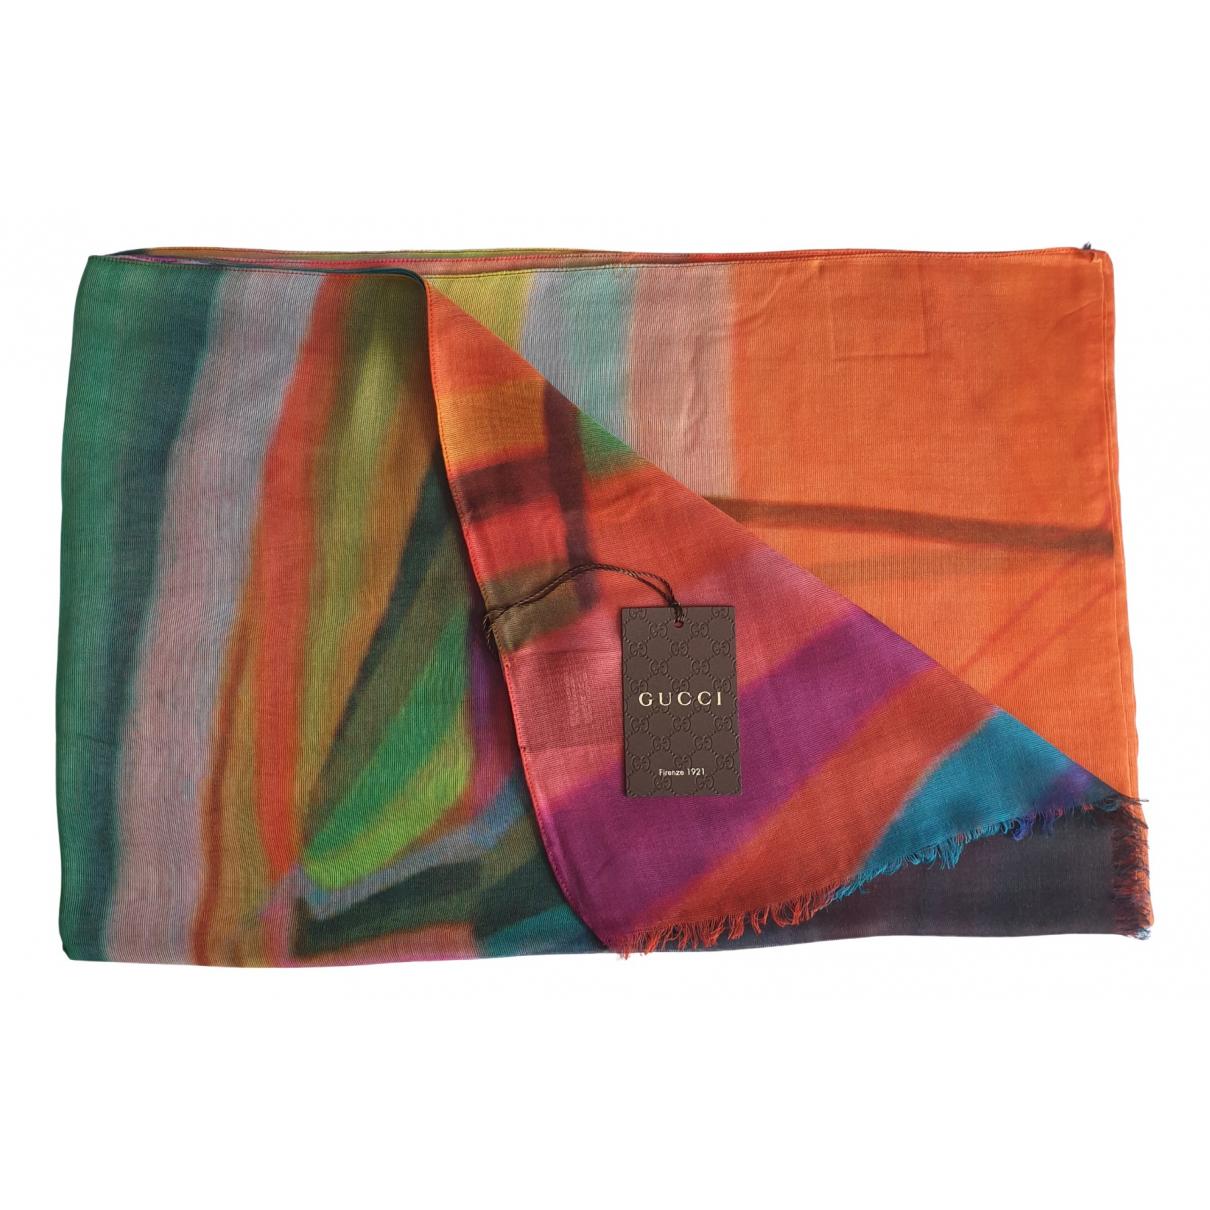 Gucci - Foulard   pour femme - multicolore